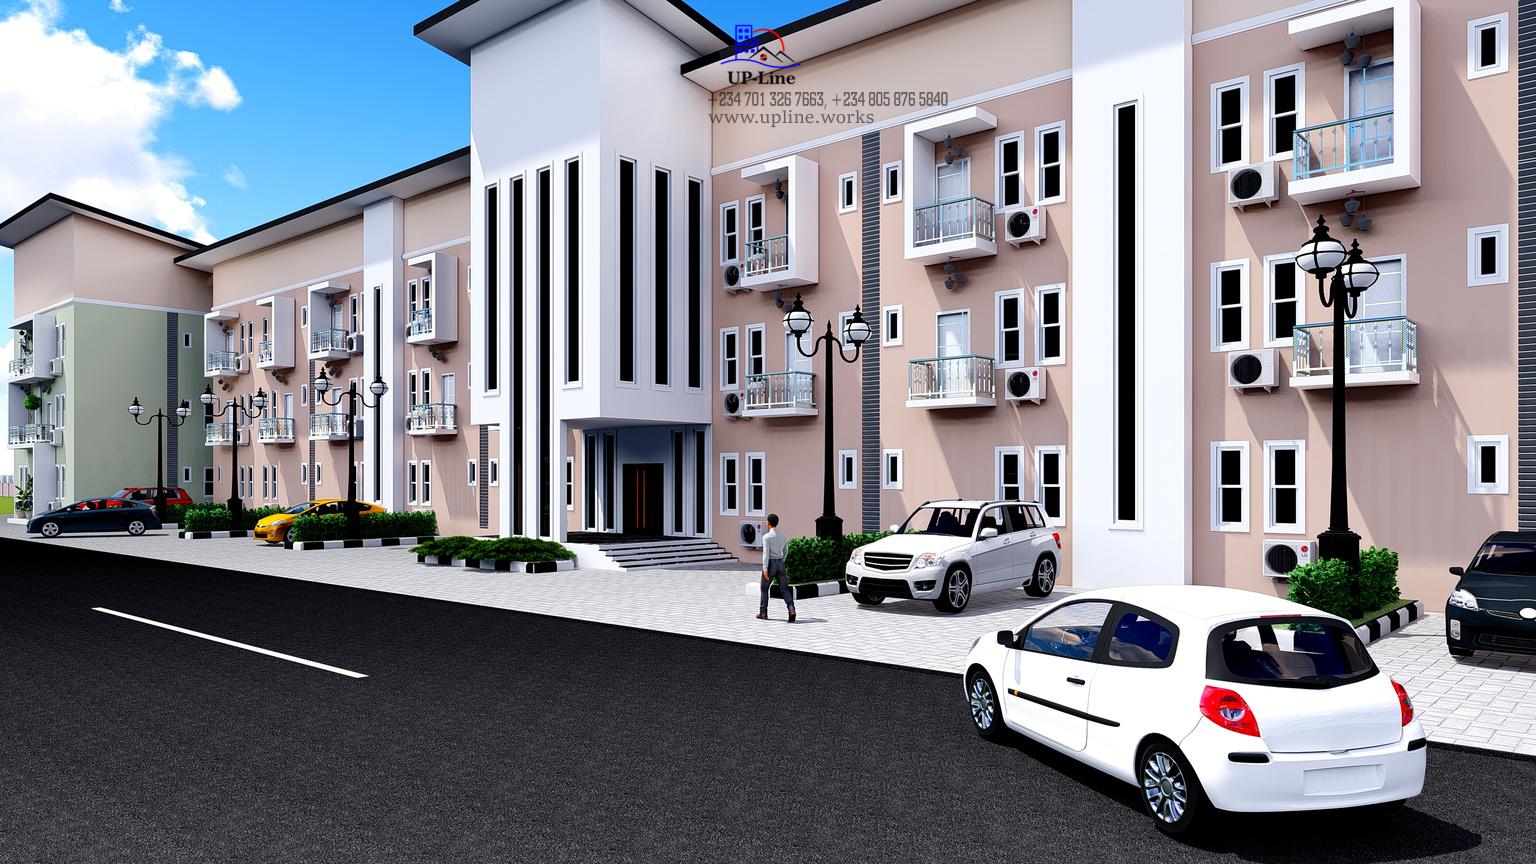 Top architectural company in Nigeria